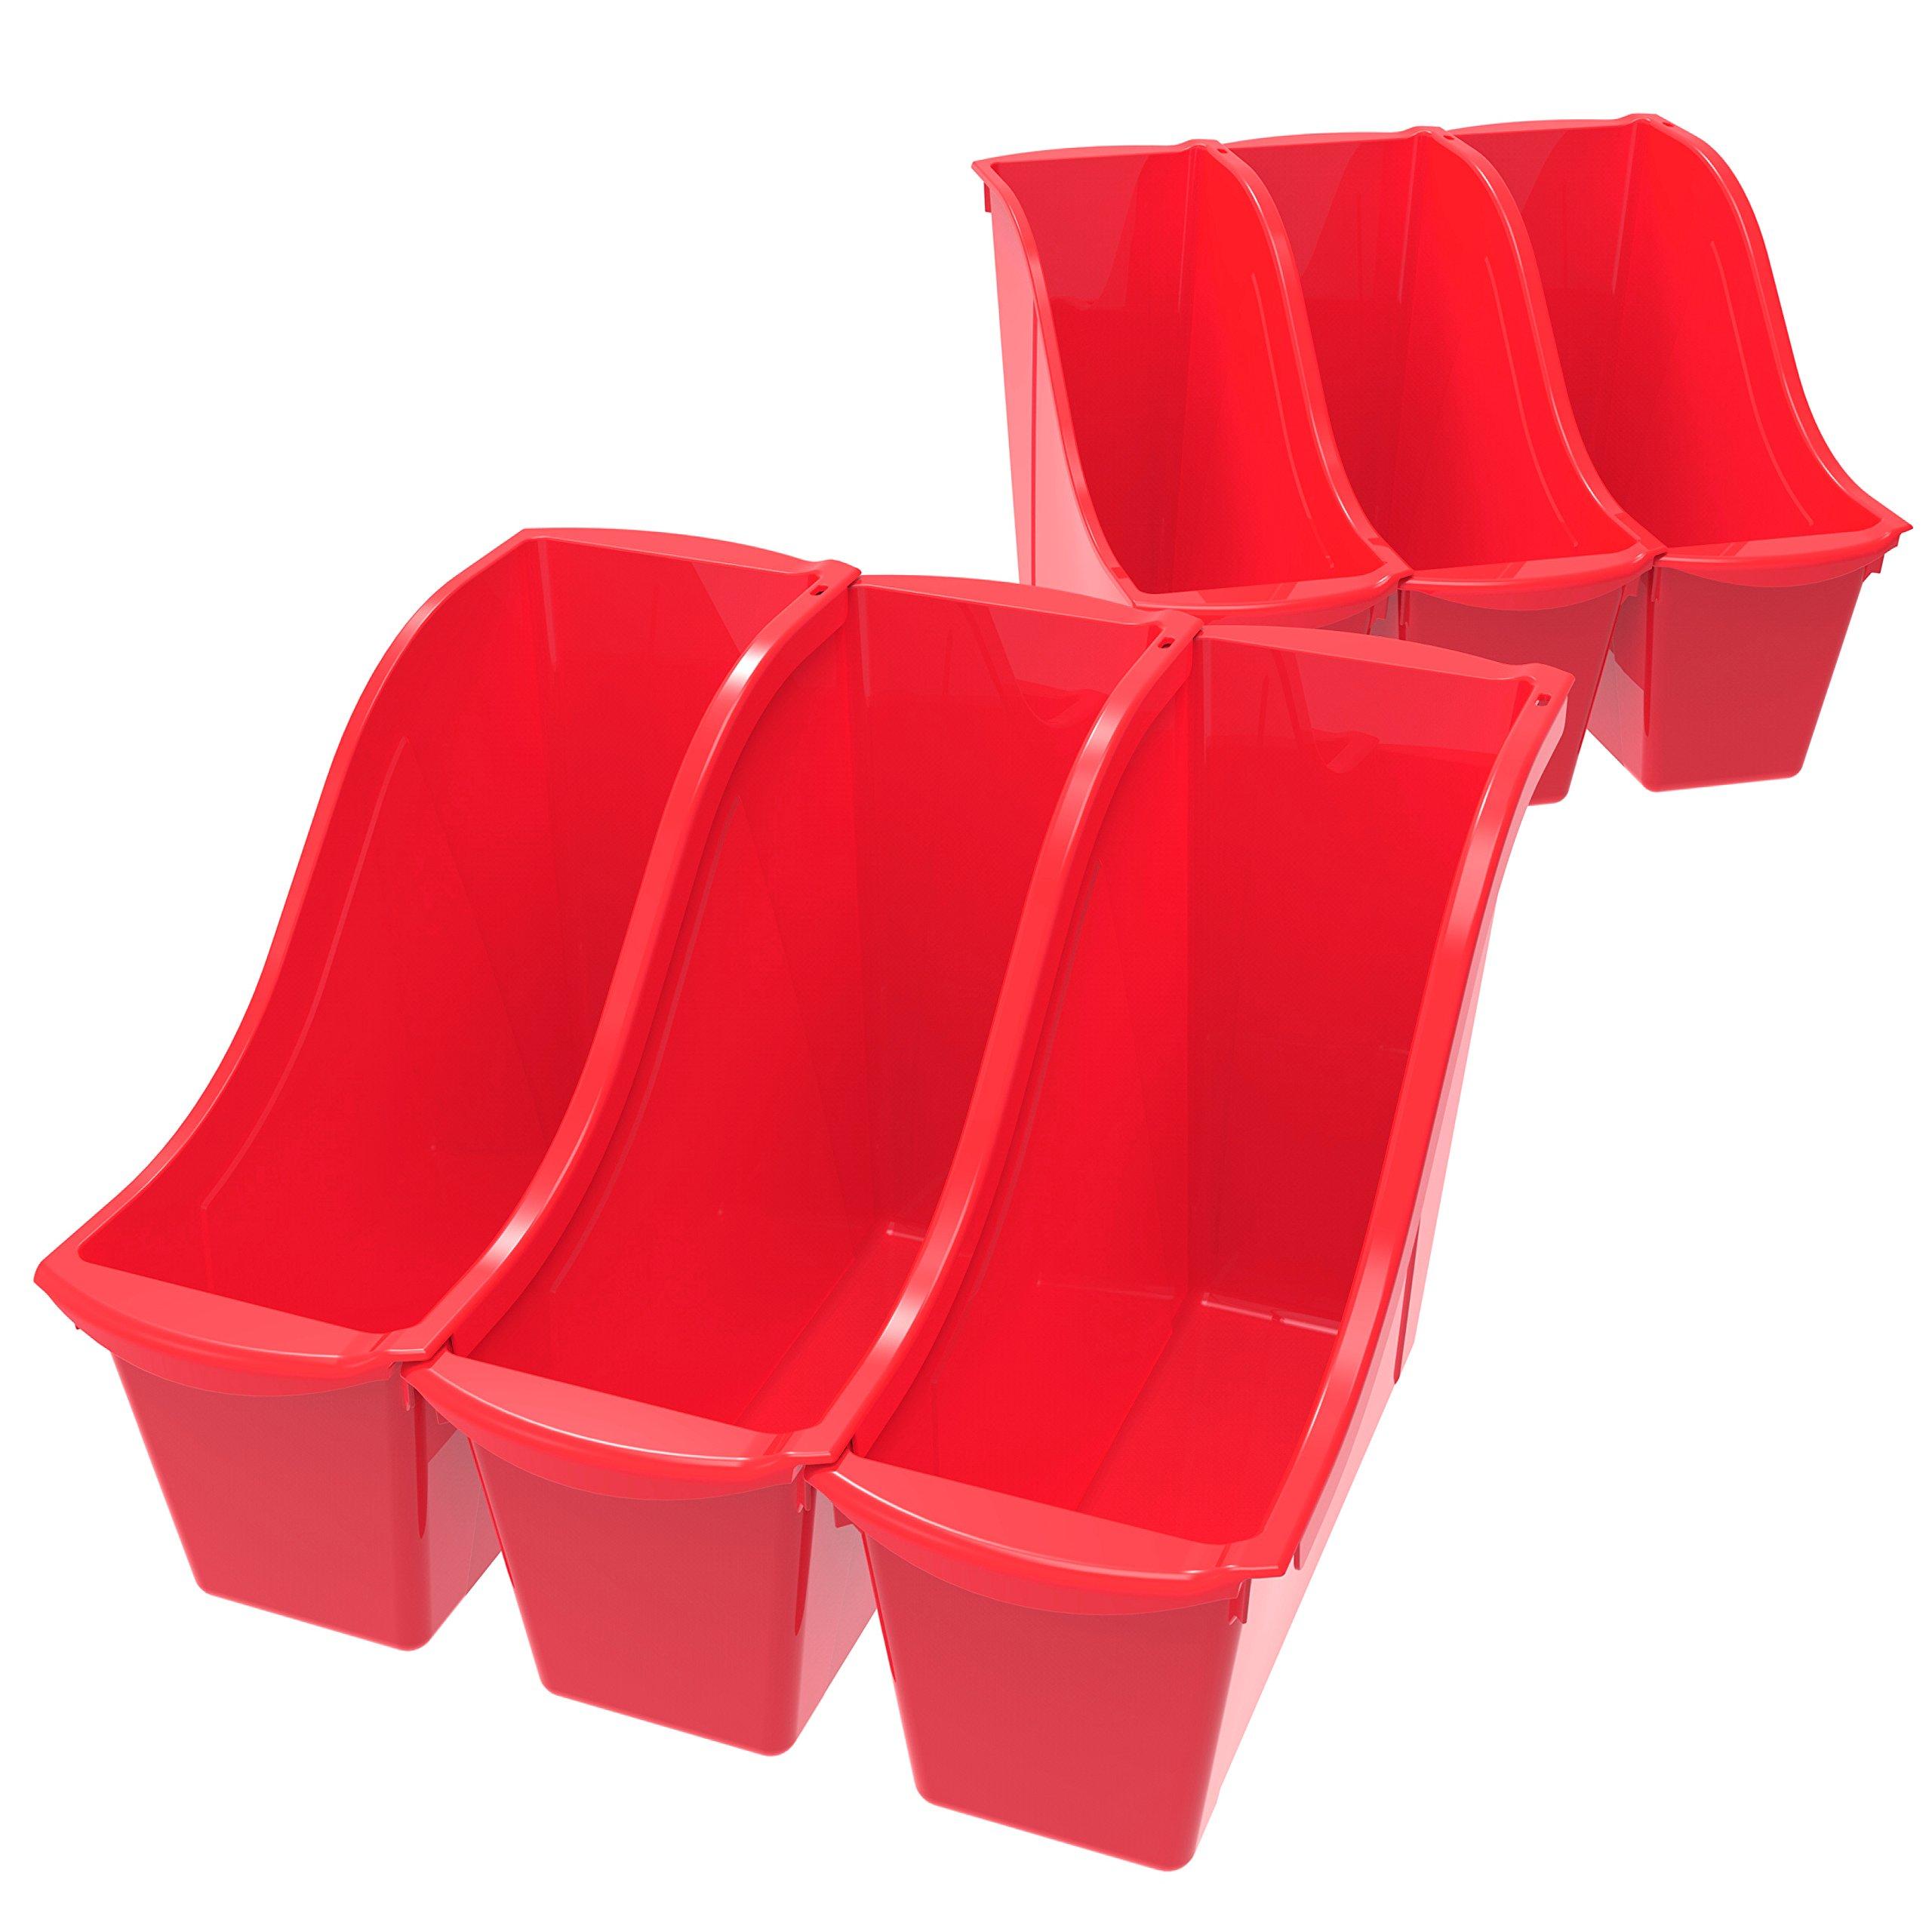 Storex Small Book Bin, 11.75 x 4.5 x 8.5'', Red, Case of 6 (71109U06C)